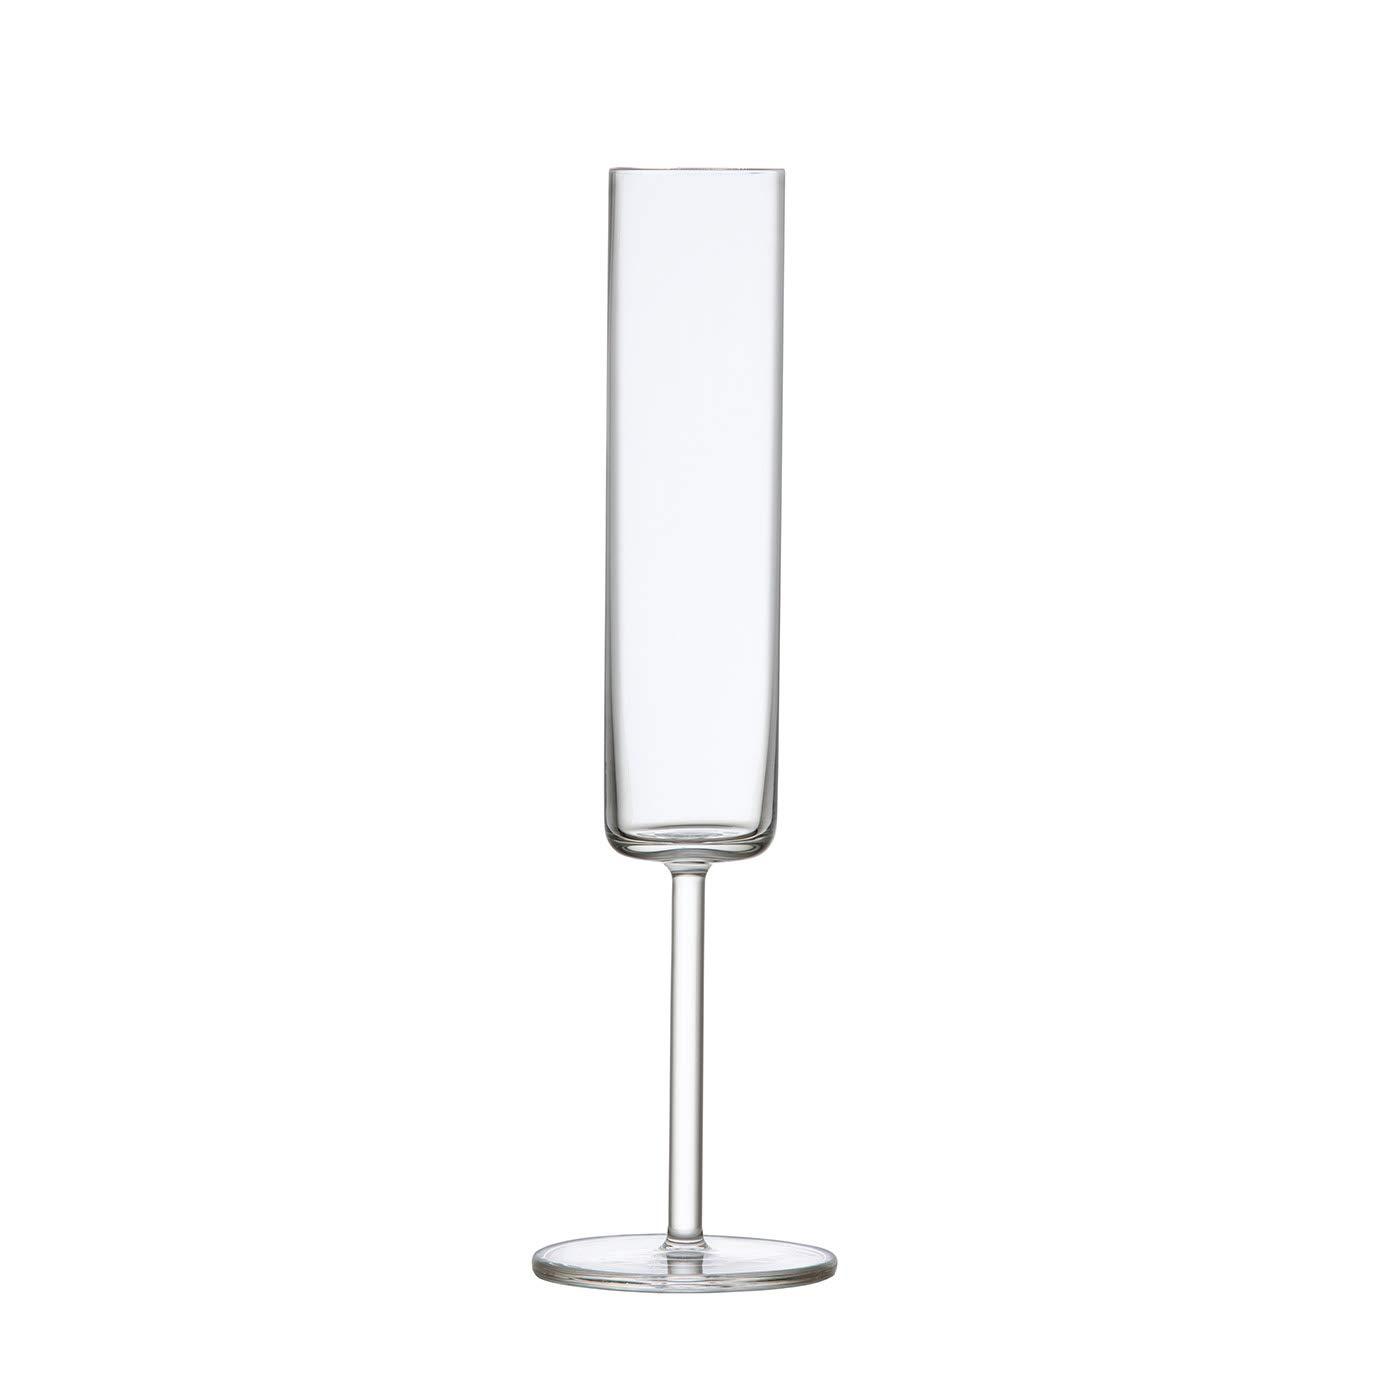 Schott Zwiesel Modo Tritan Crystal Champagne Flute, 5.5oz, Set of 4